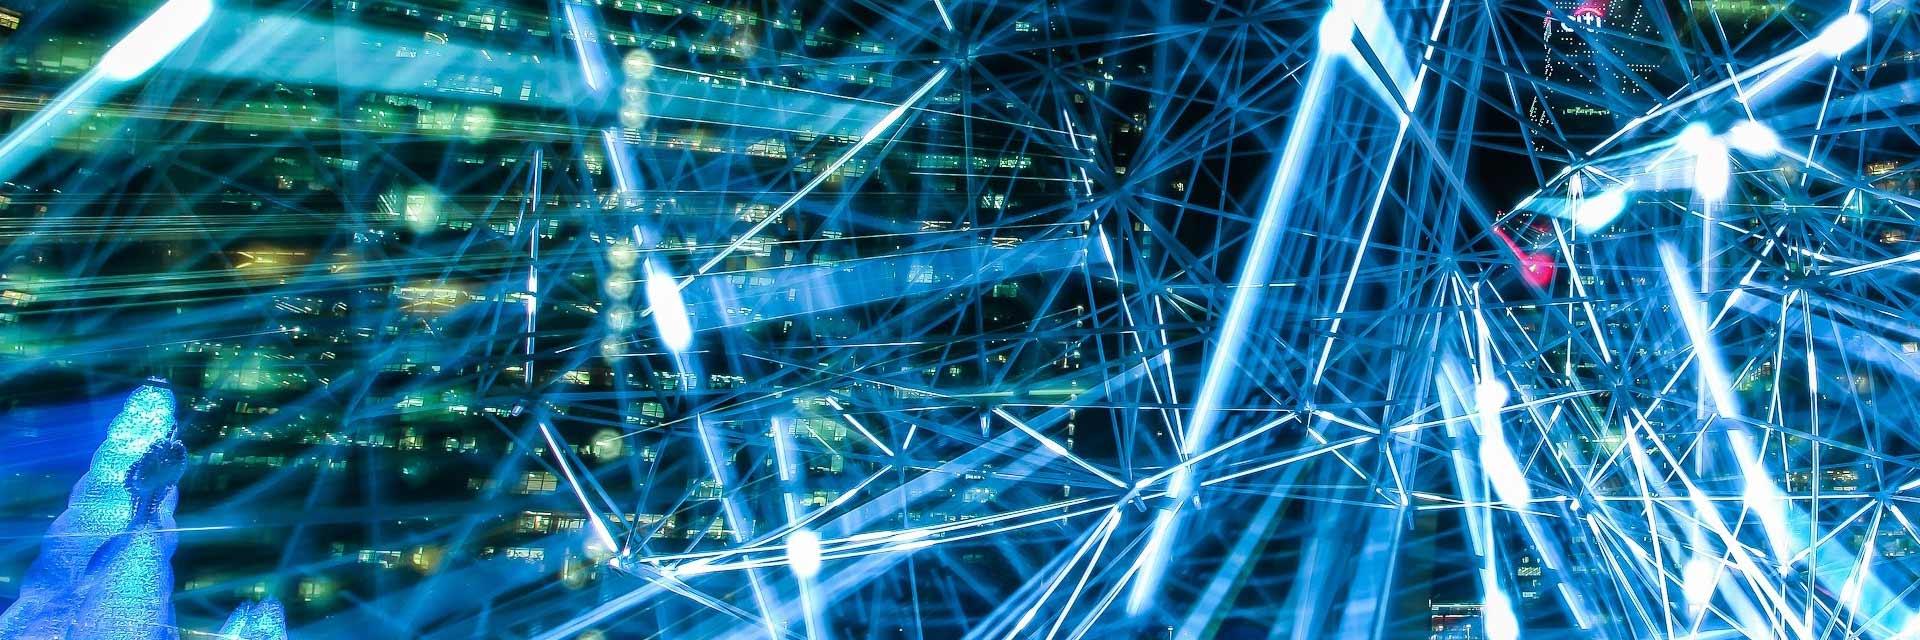 Methodik der Datenerhebung zum Städteranking